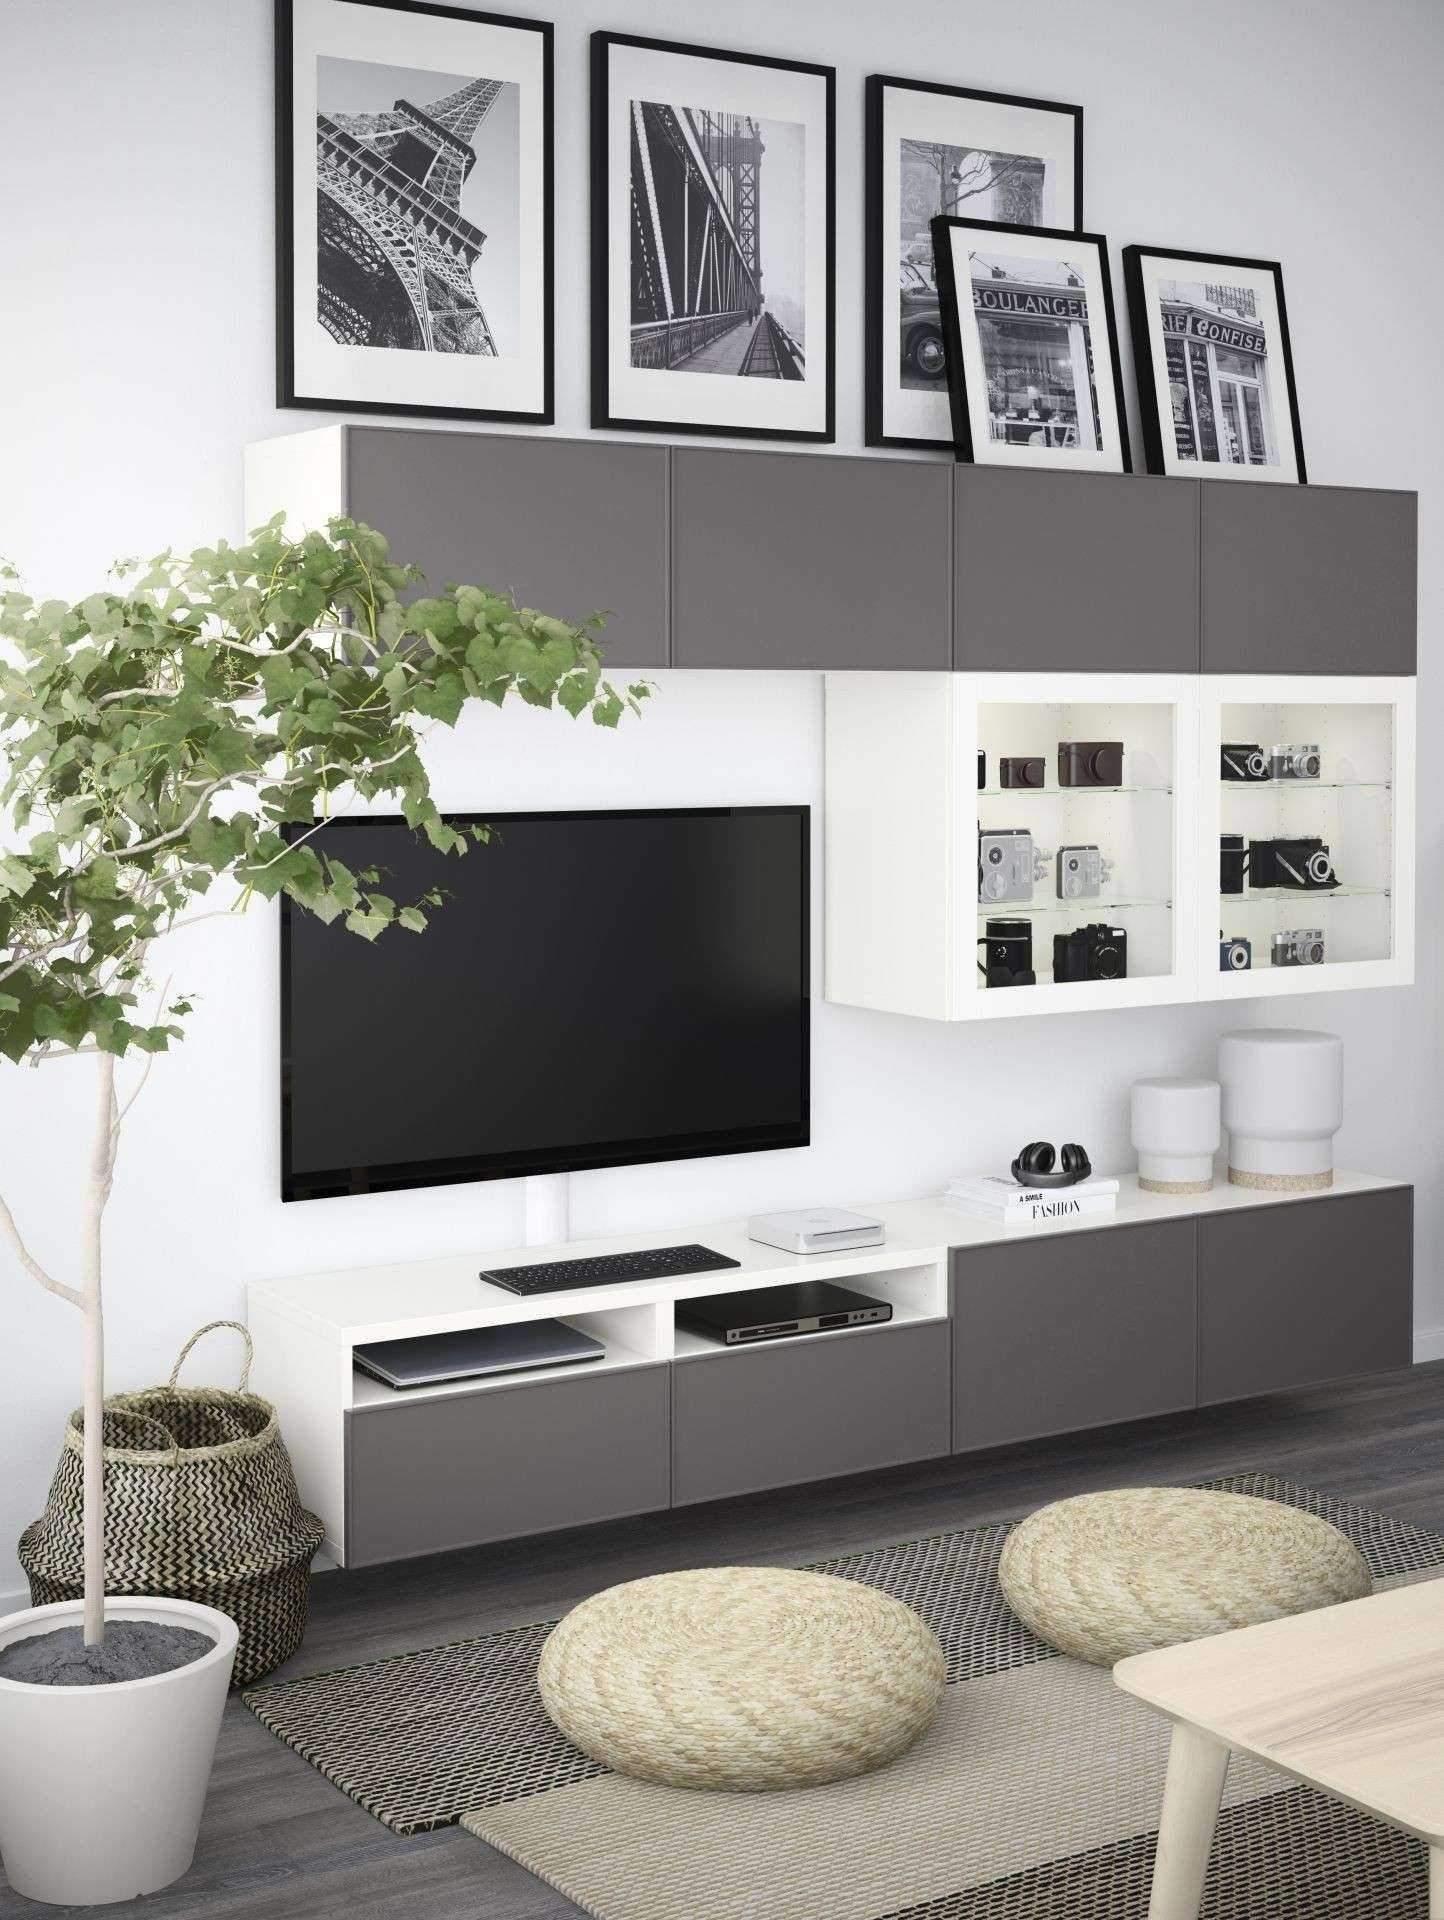 Full Size of Wohnzimmerlampen Ikea Lampen Wohnzimmer Genial 40 Oben Von Küche Kosten Kaufen Betten Bei Miniküche Modulküche 160x200 Sofa Mit Schlaffunktion Wohnzimmer Wohnzimmerlampen Ikea